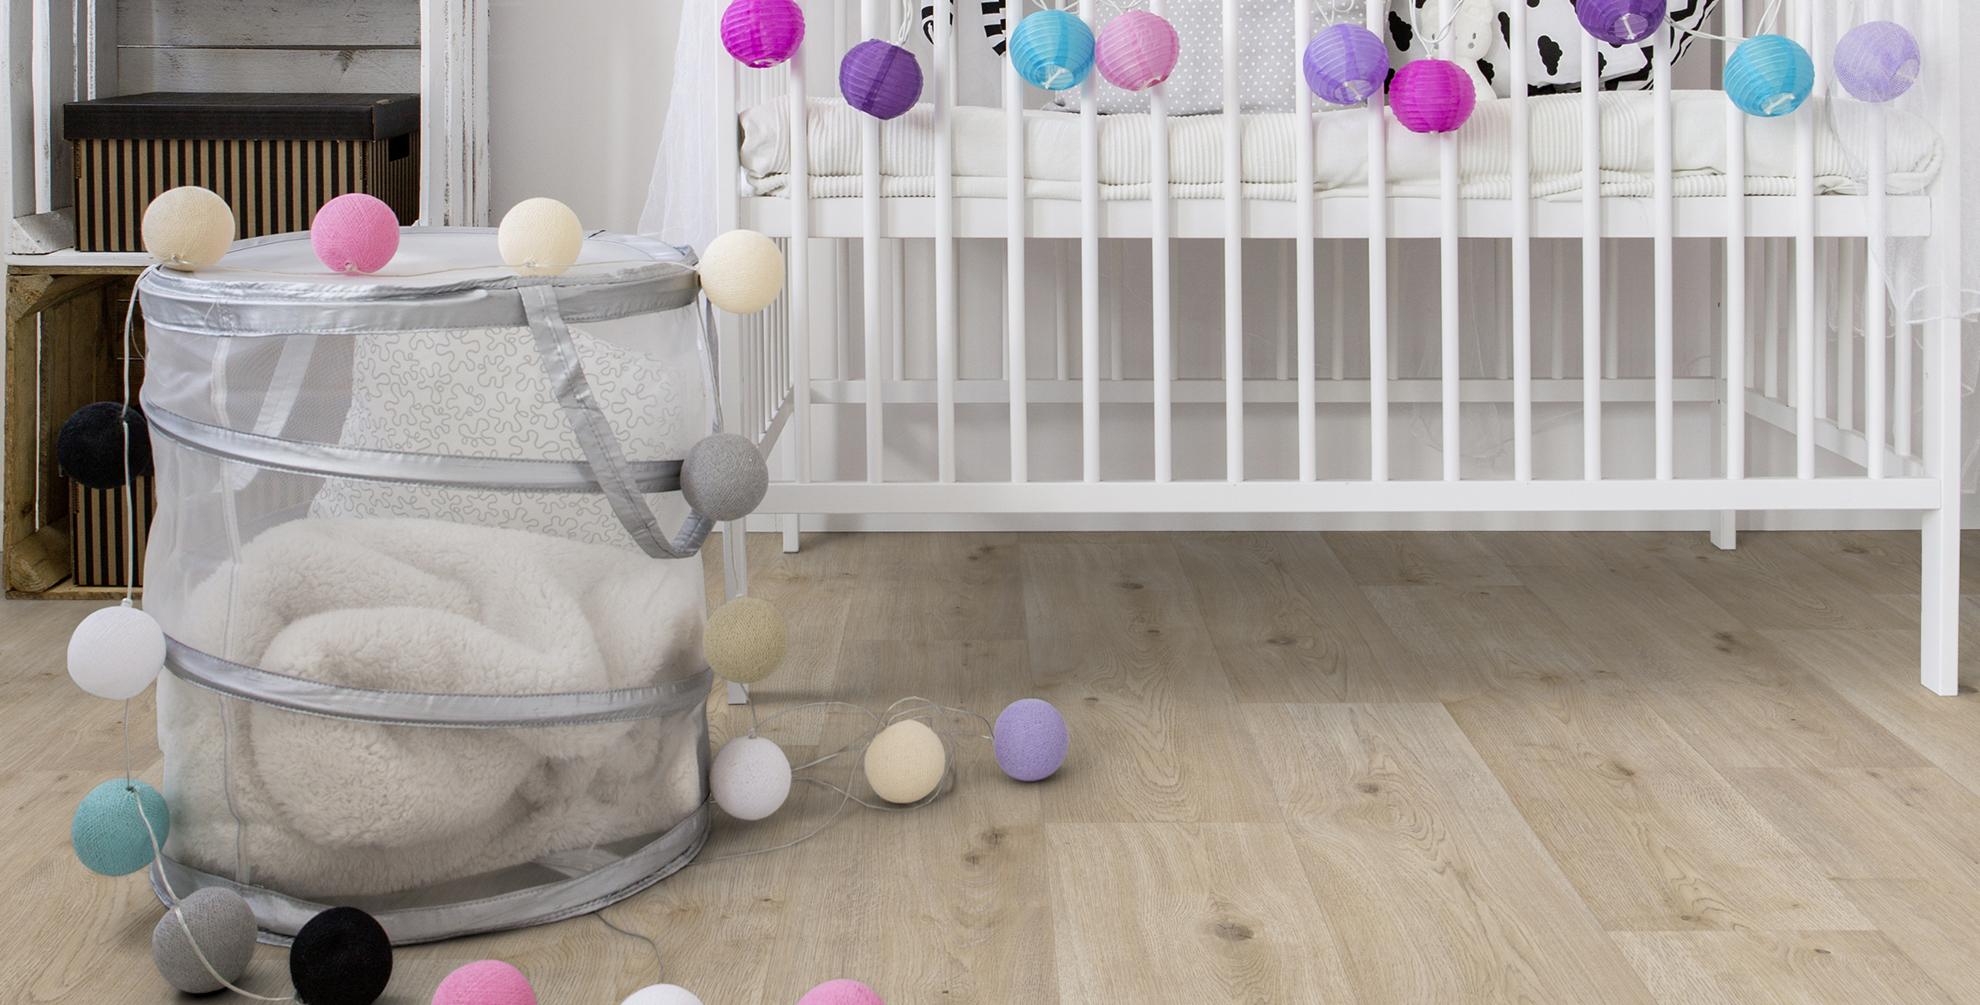 Welke vloer is<b> babykamerproof</b>?